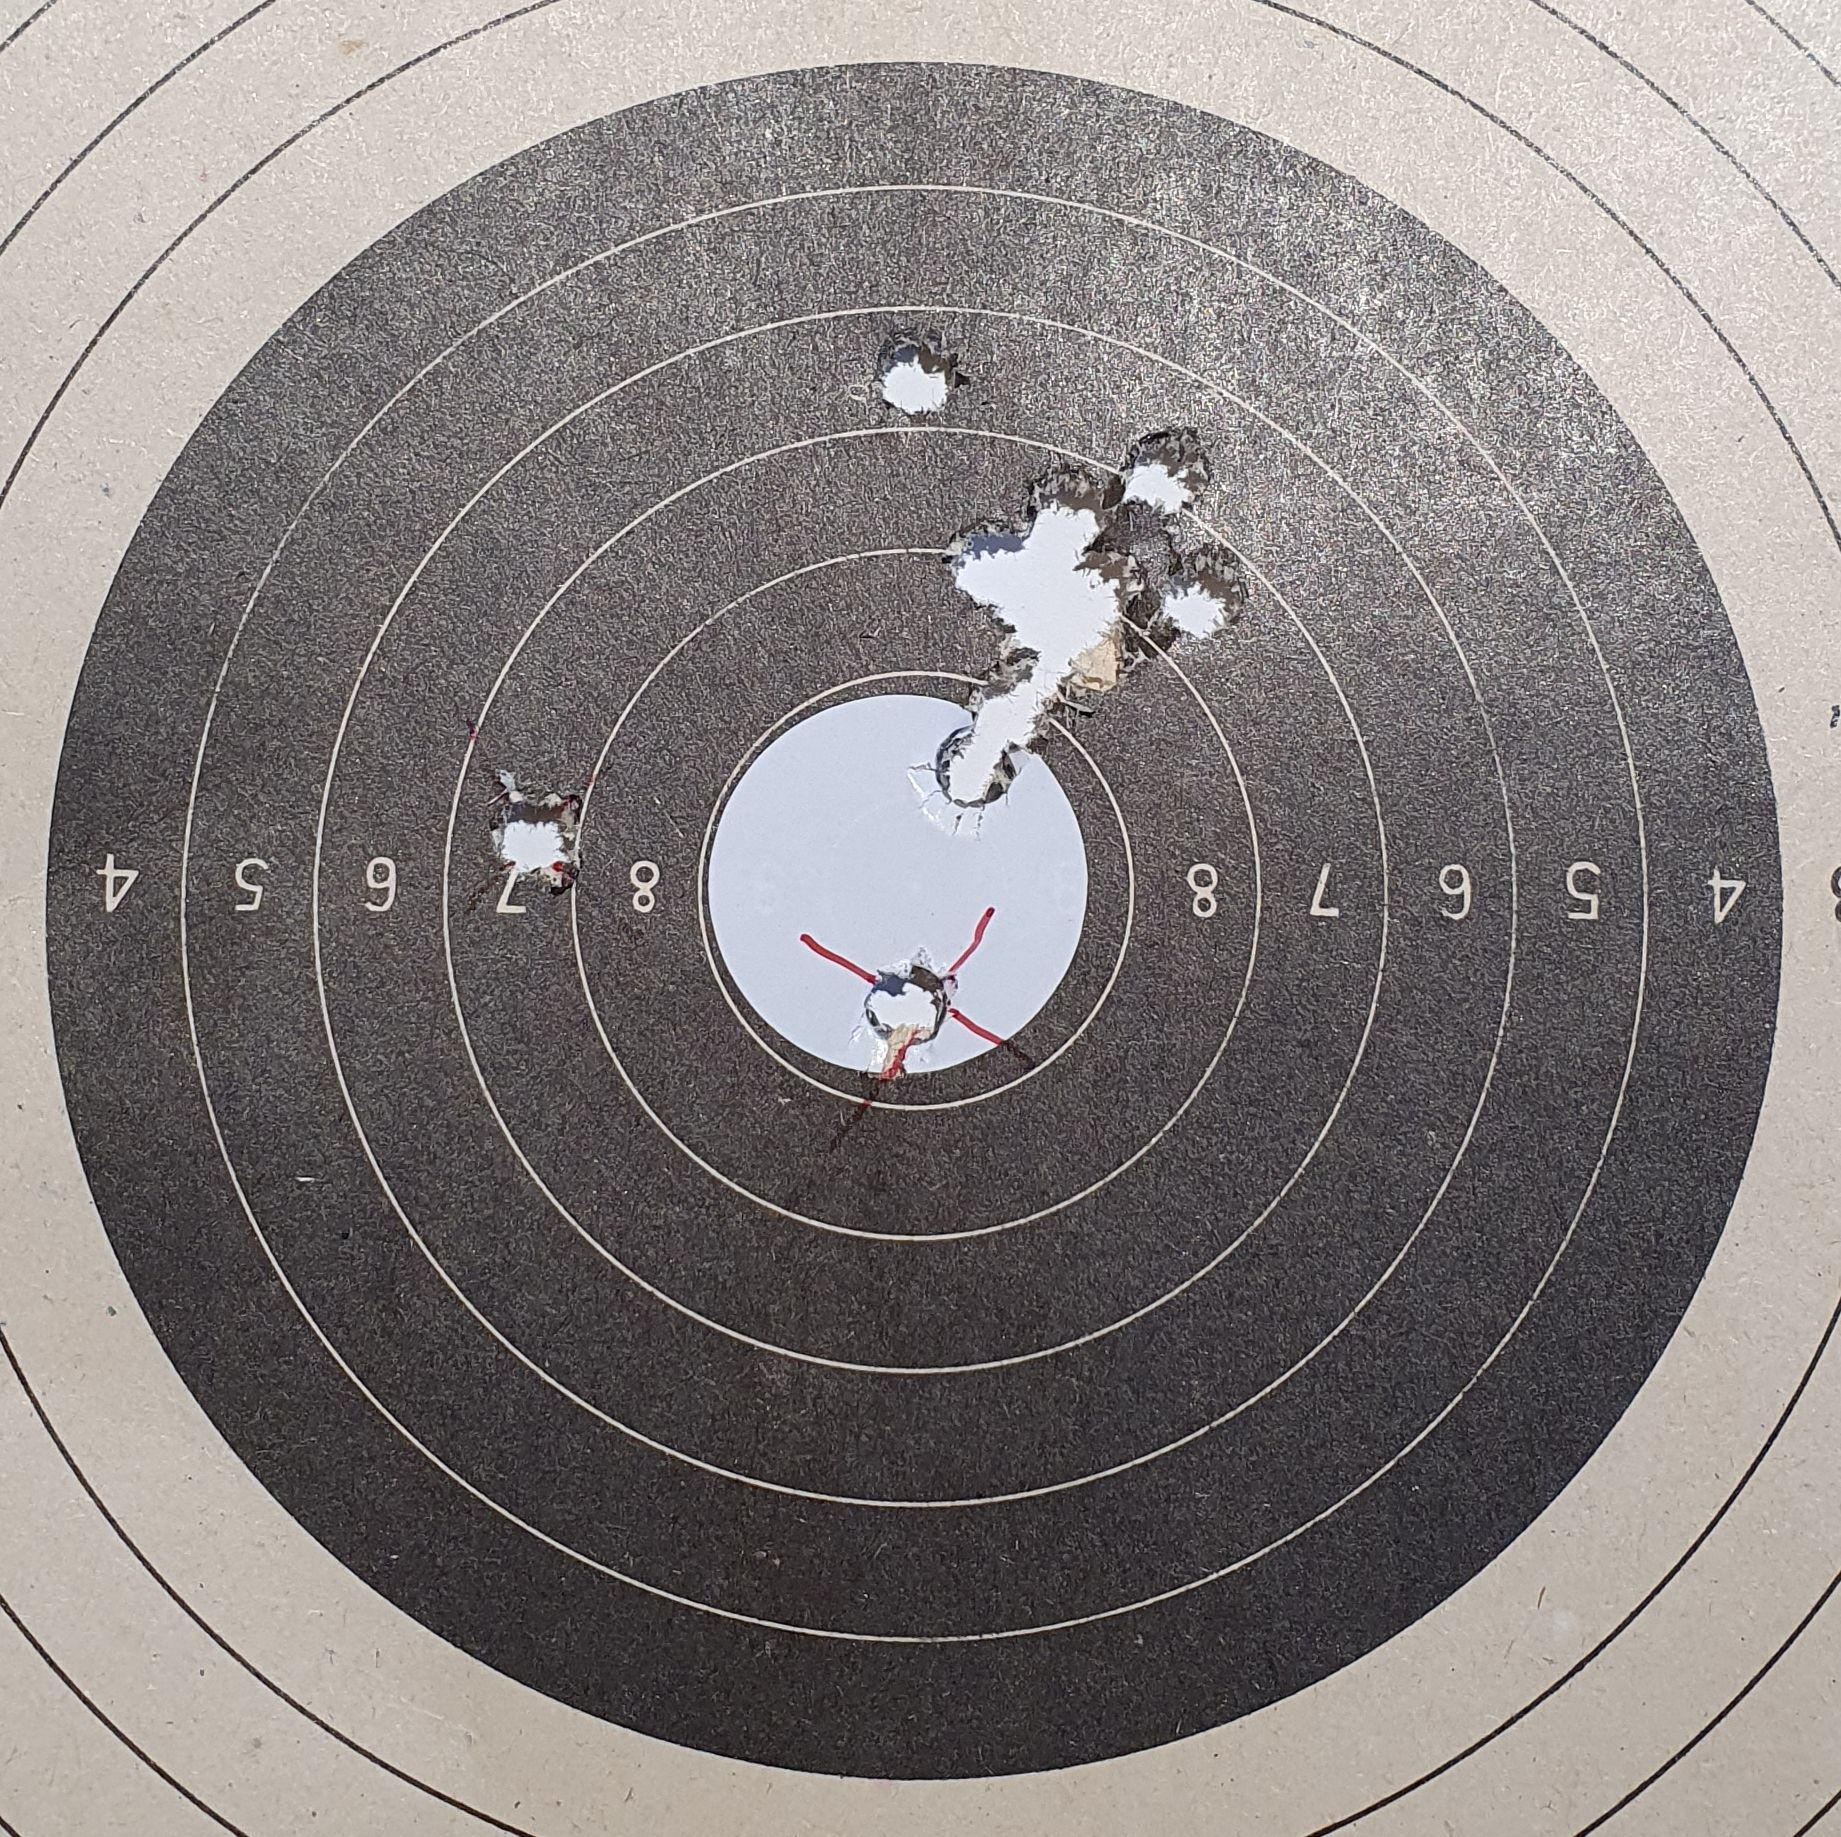 52 gr Sierra Match King, 116 m, 27 mm